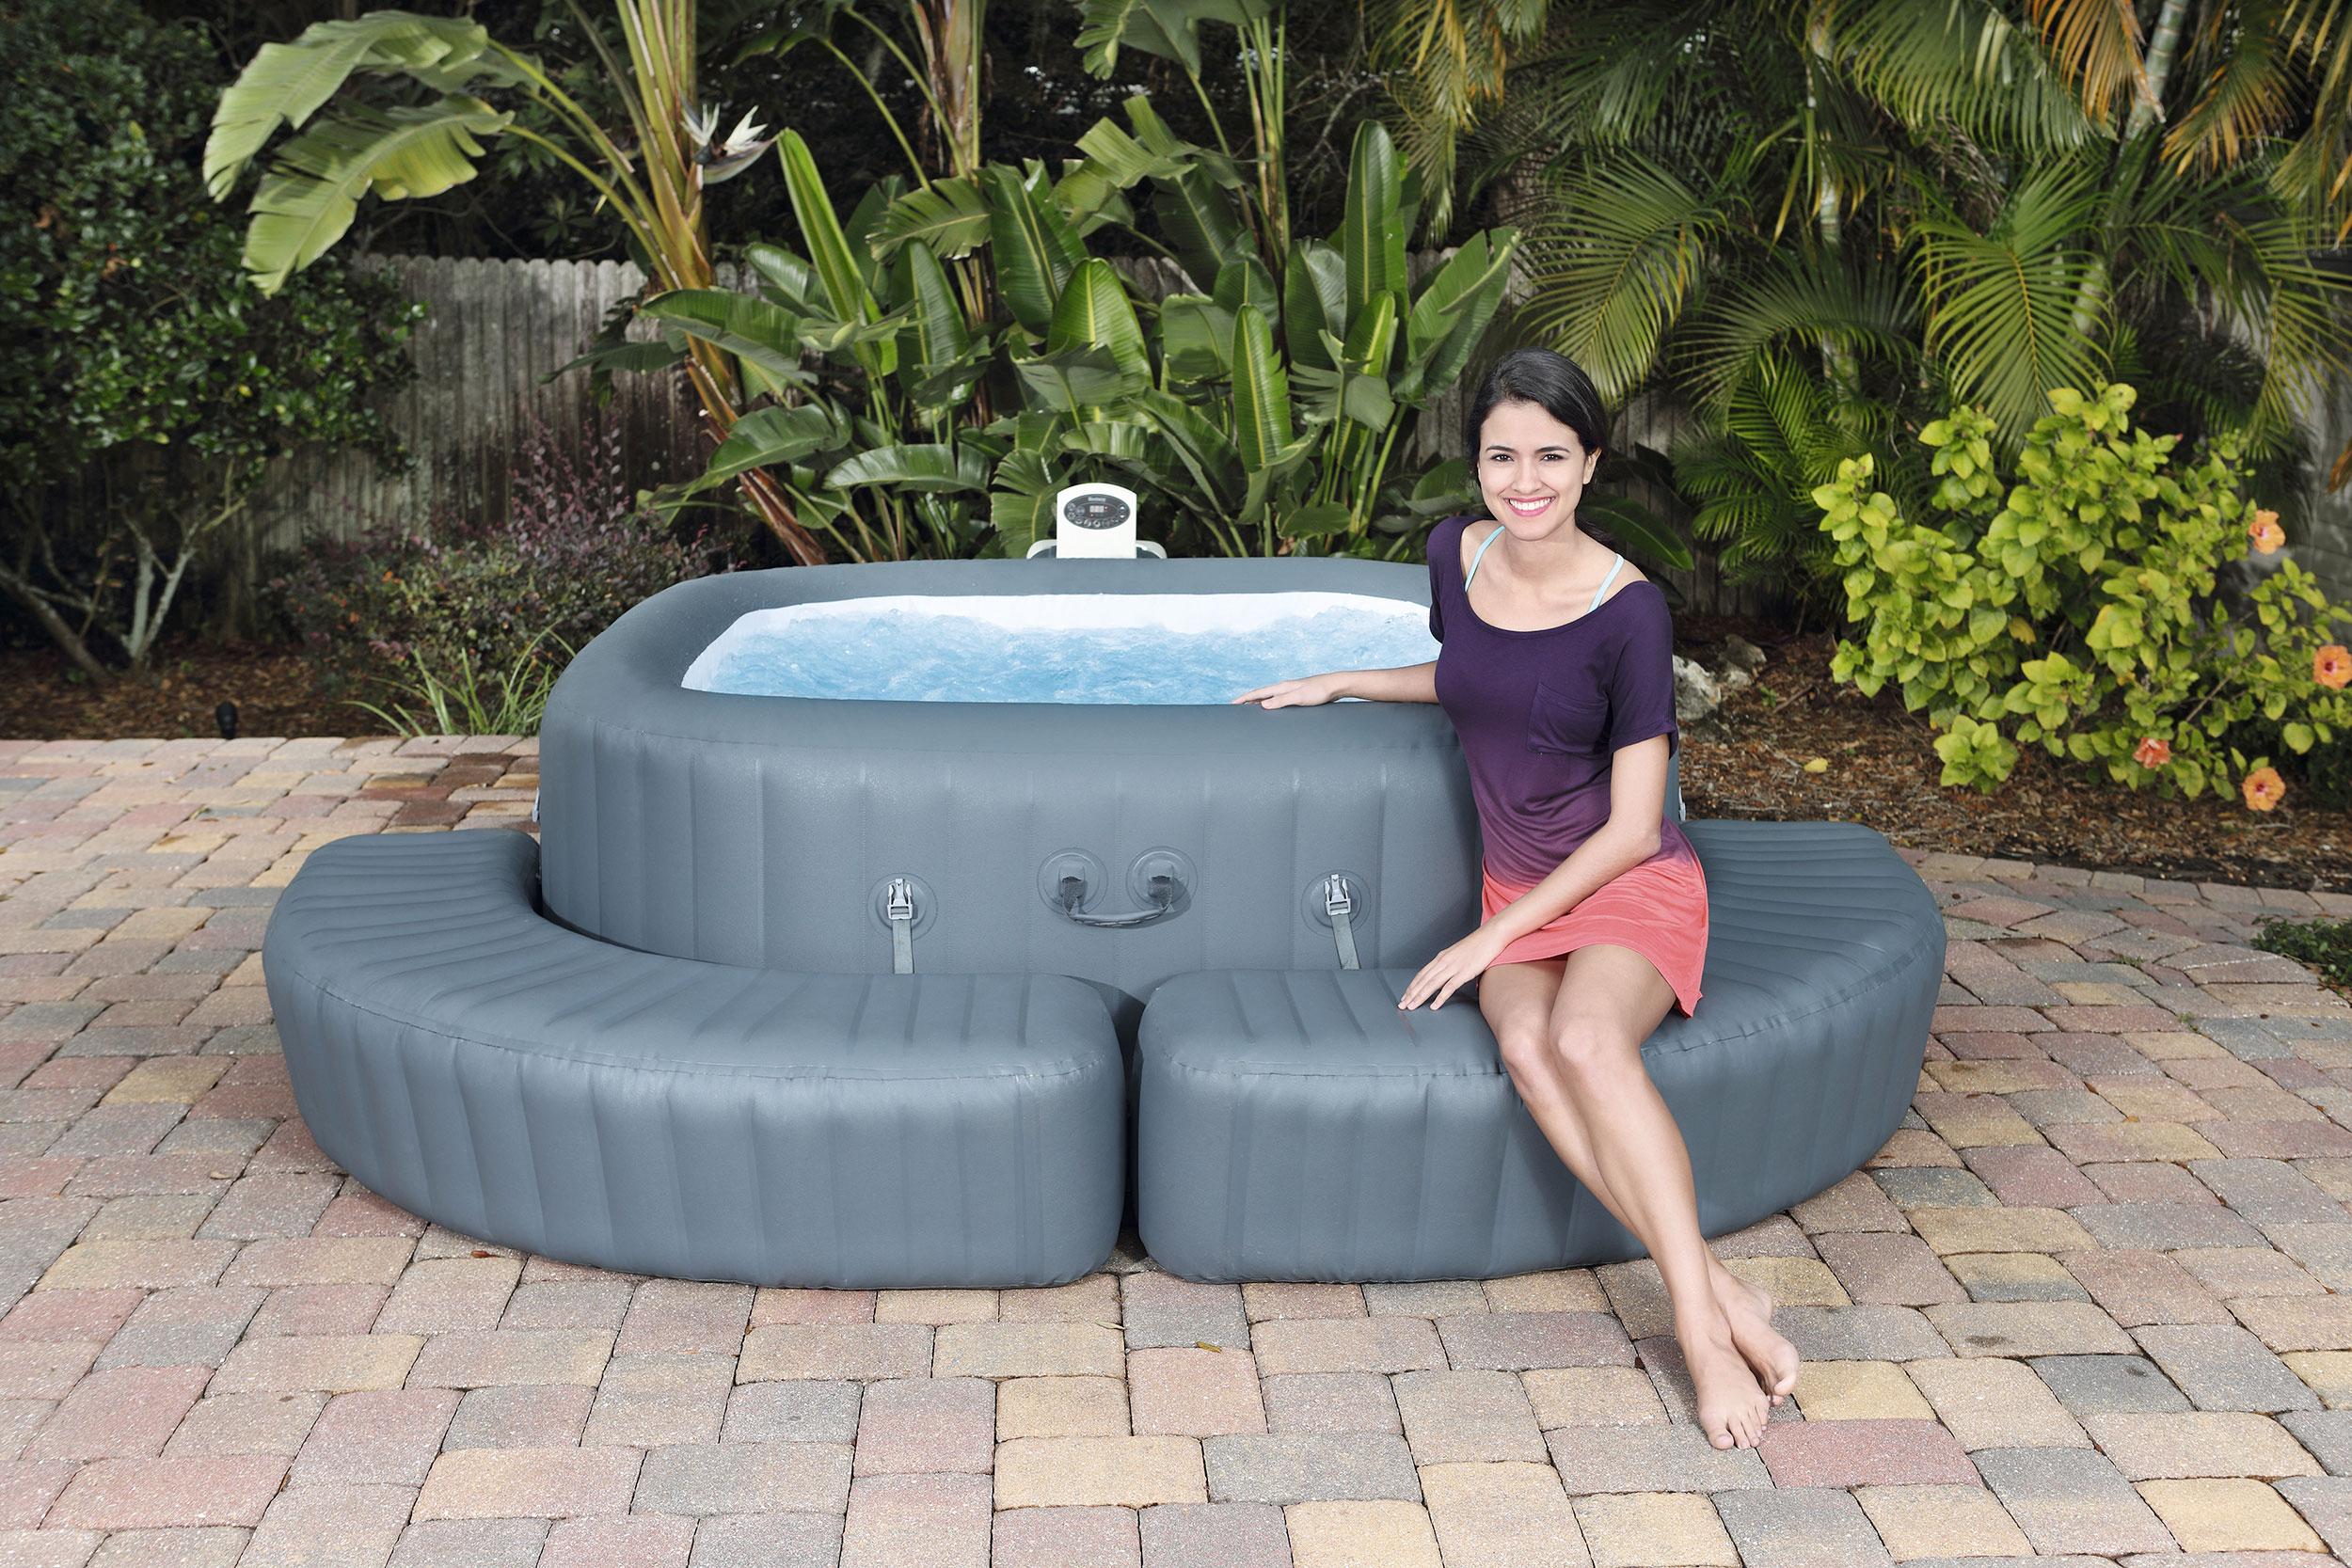 Full Size of Einfassung Eckig Fr Whirlpool Aufblasbar Lay Z Spa Garten Wohnzimmer Whirlpool Aufblasbar